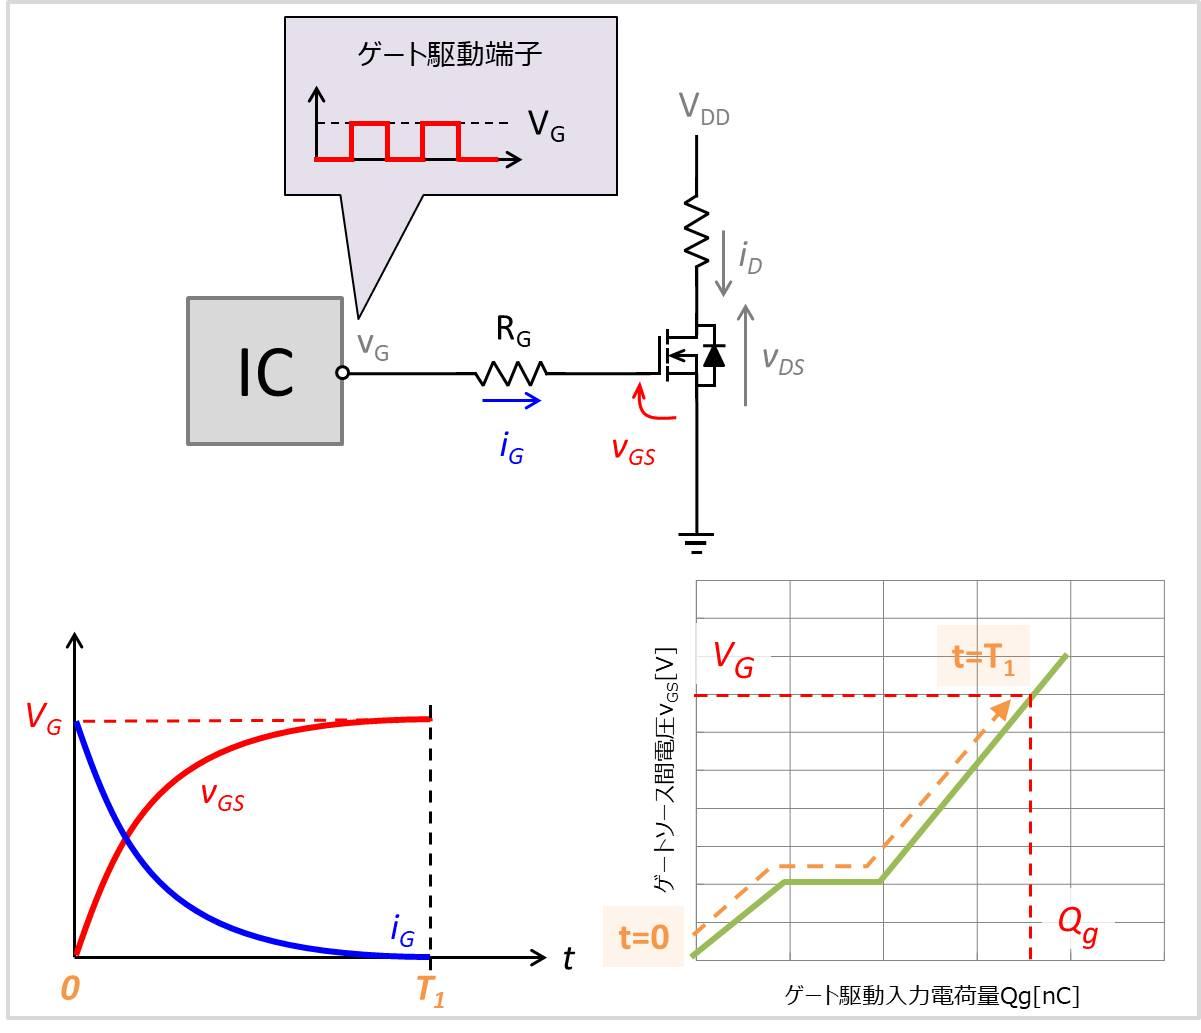 ゲート電流の平均値の導出方法